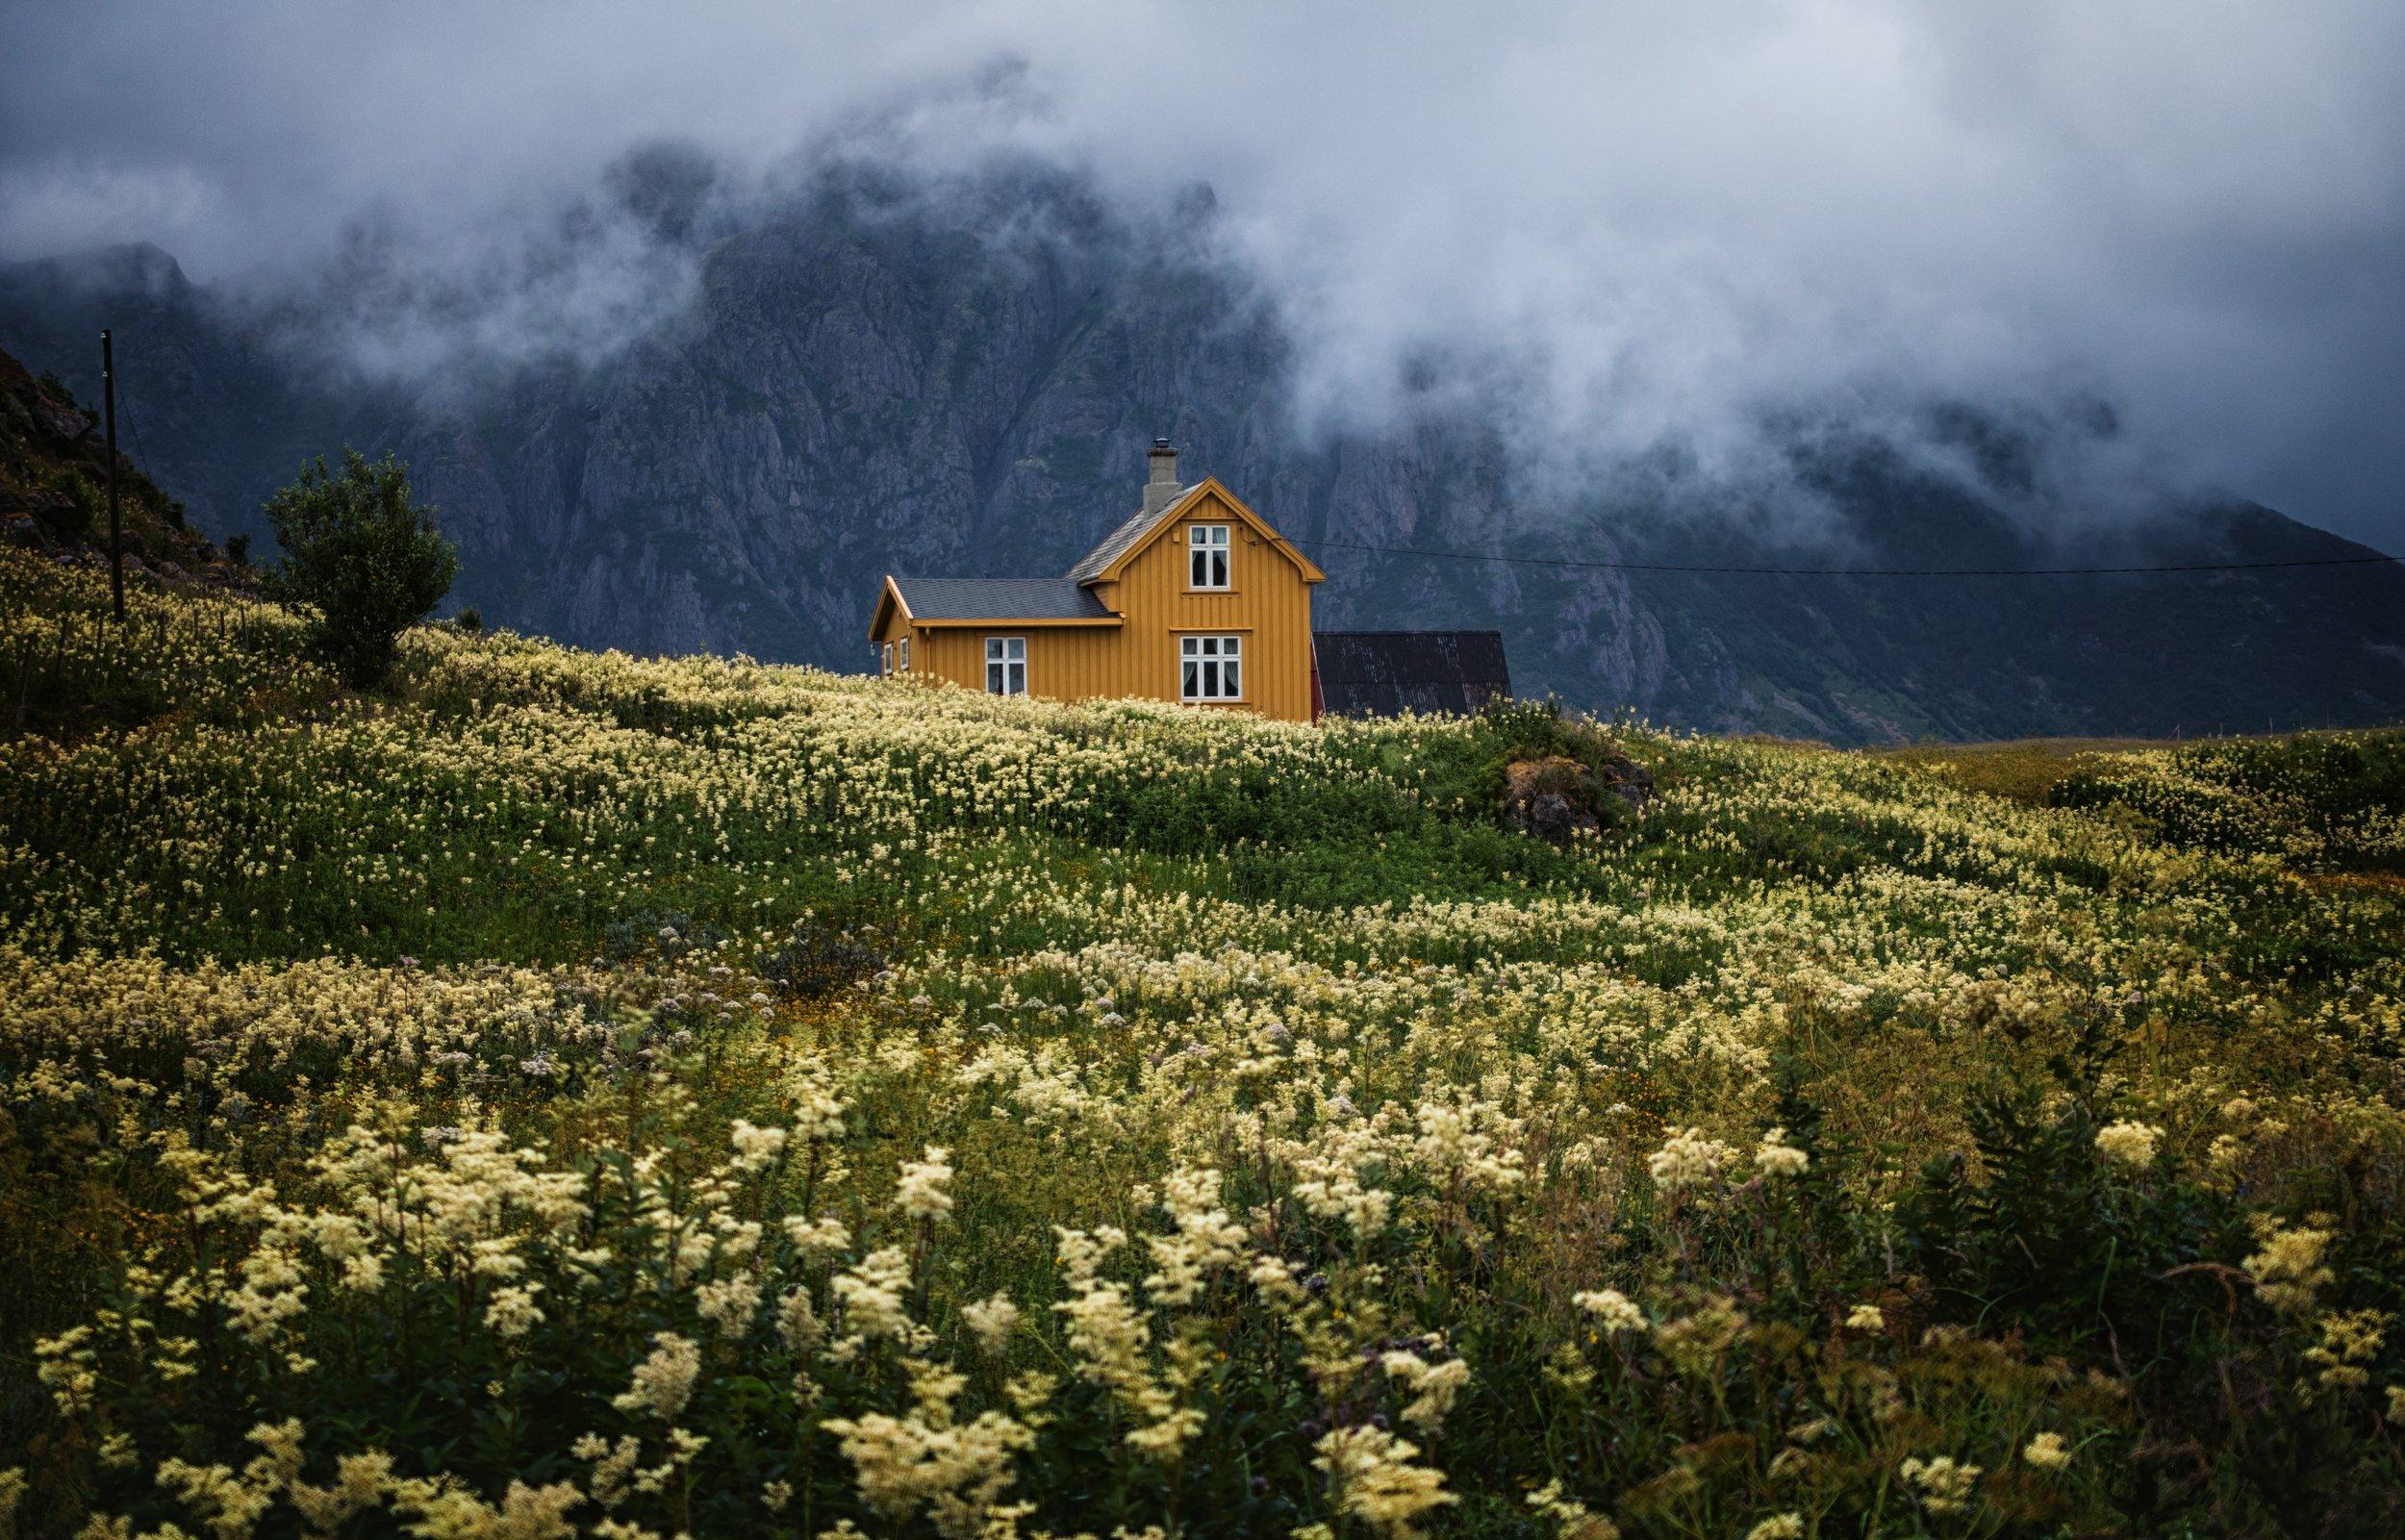 Picture by Vidar Nordli-Mathisen